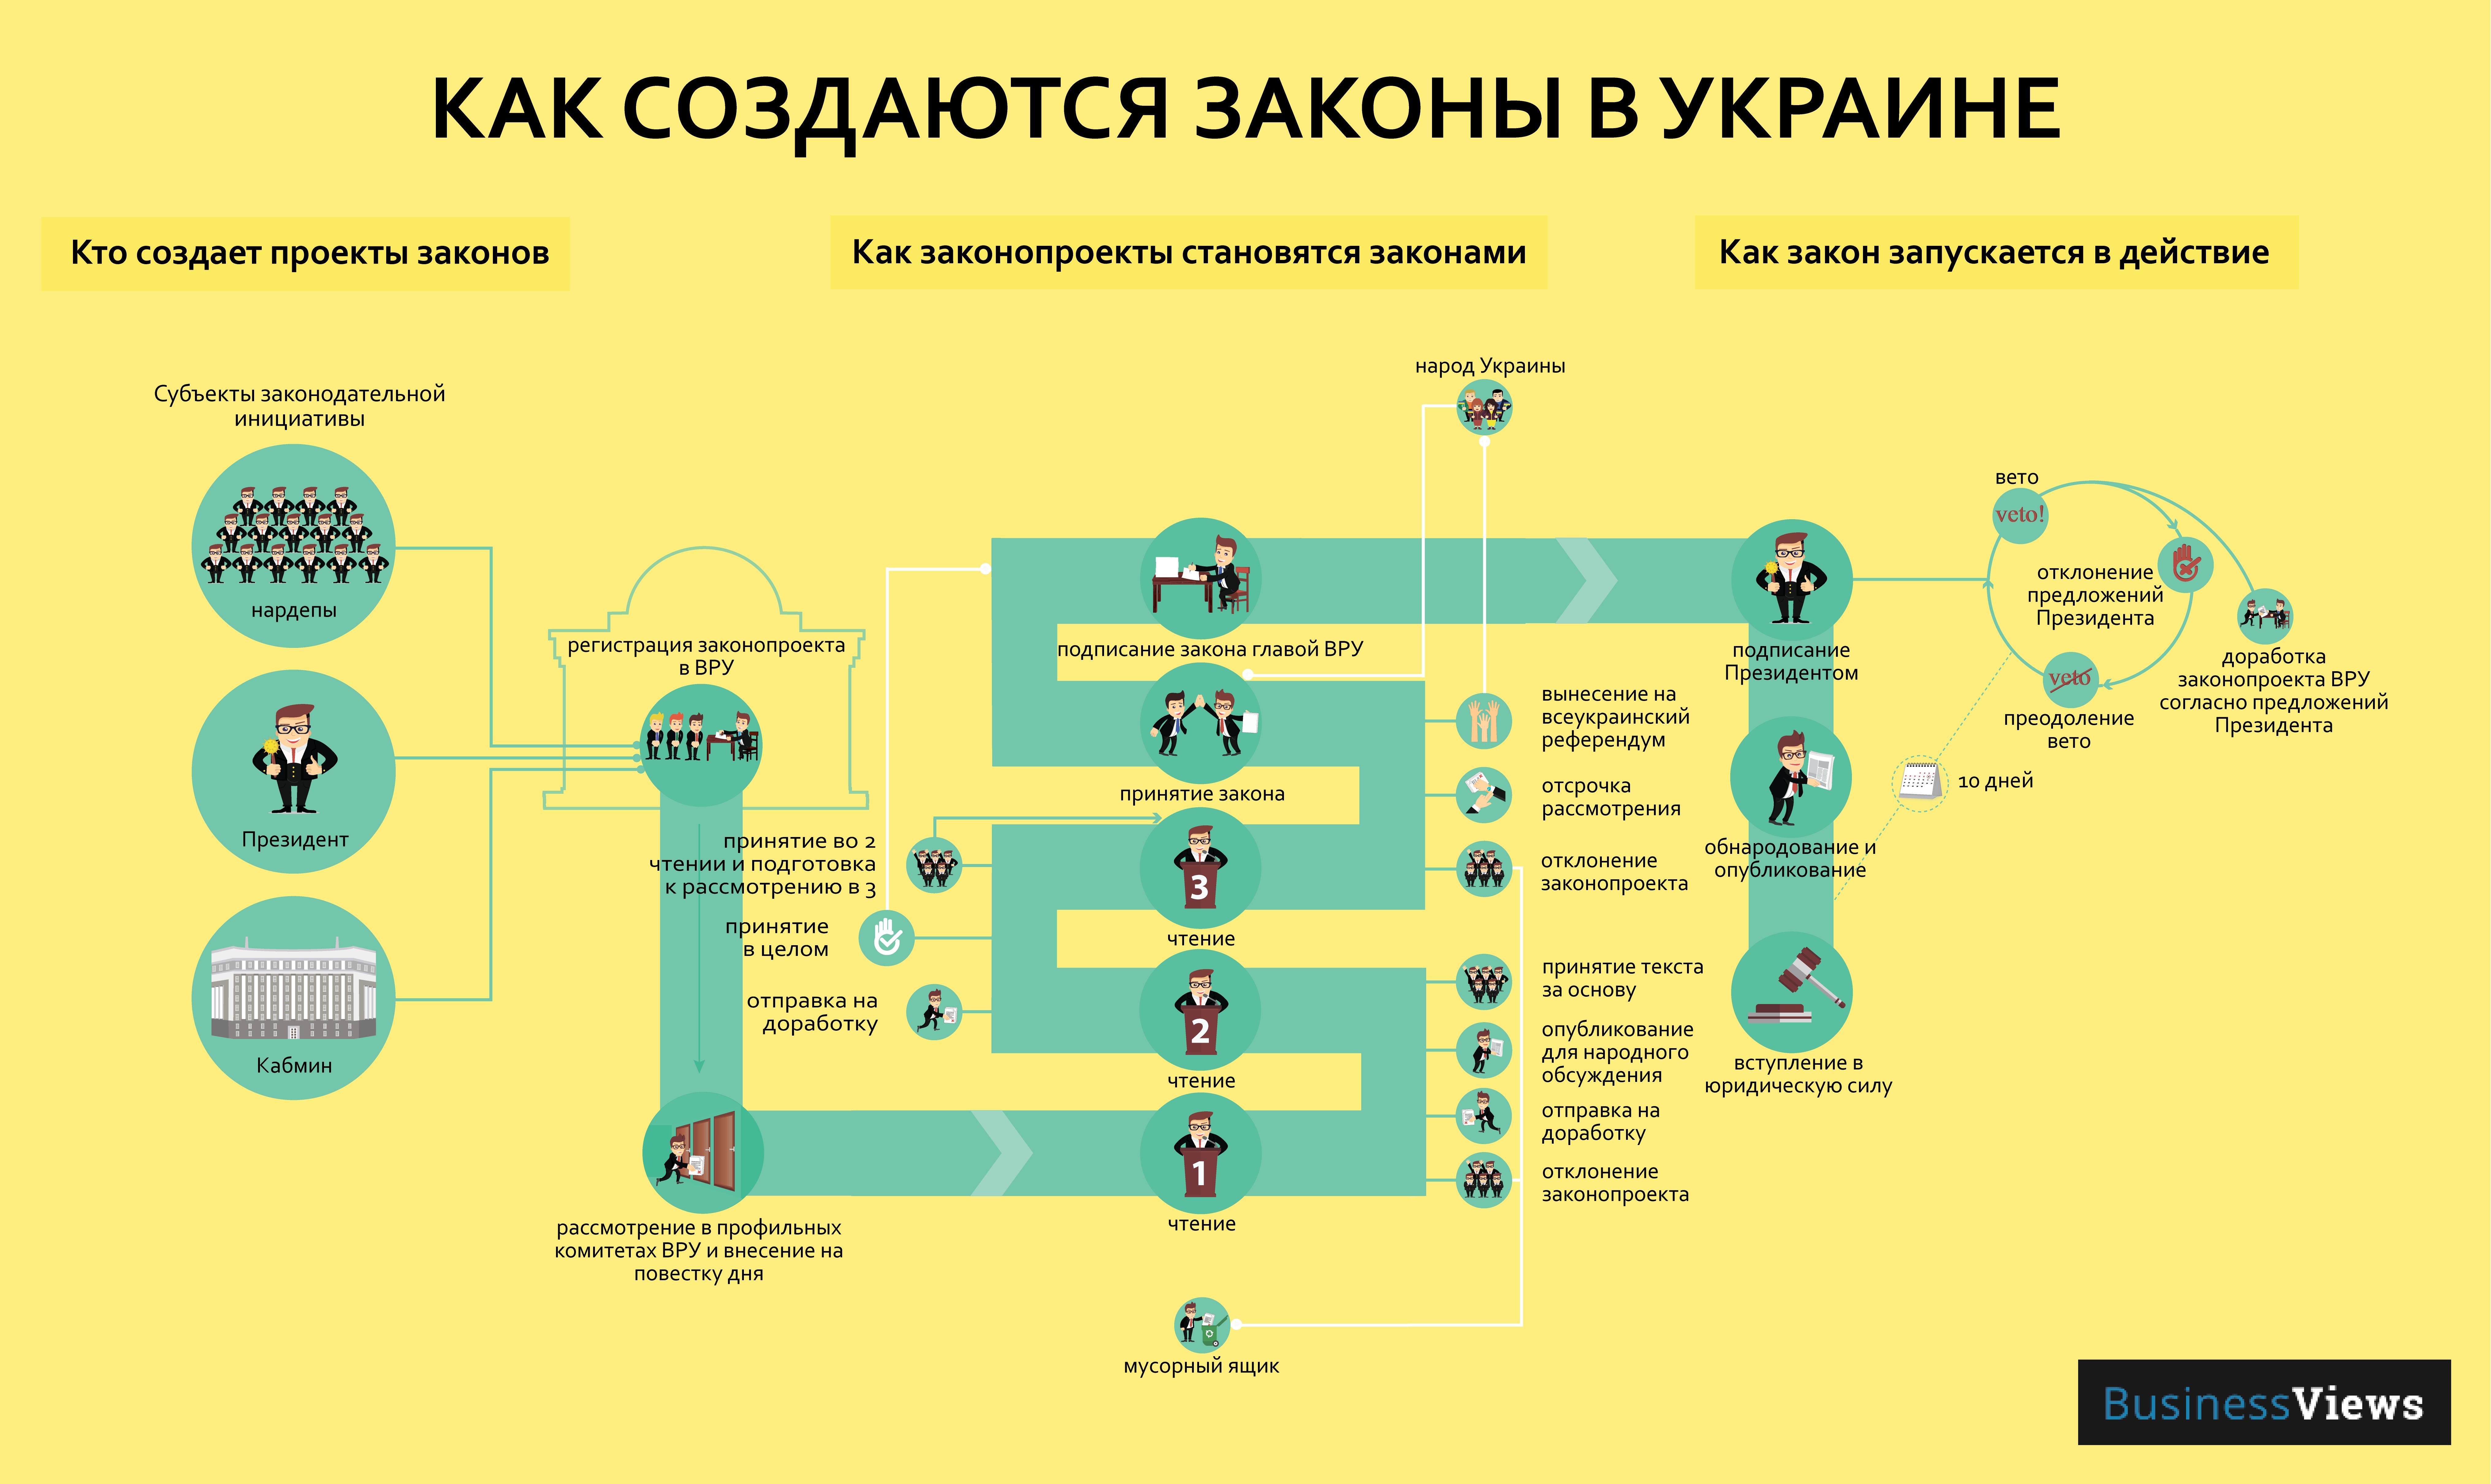 Инфографика — законотворческий процесс